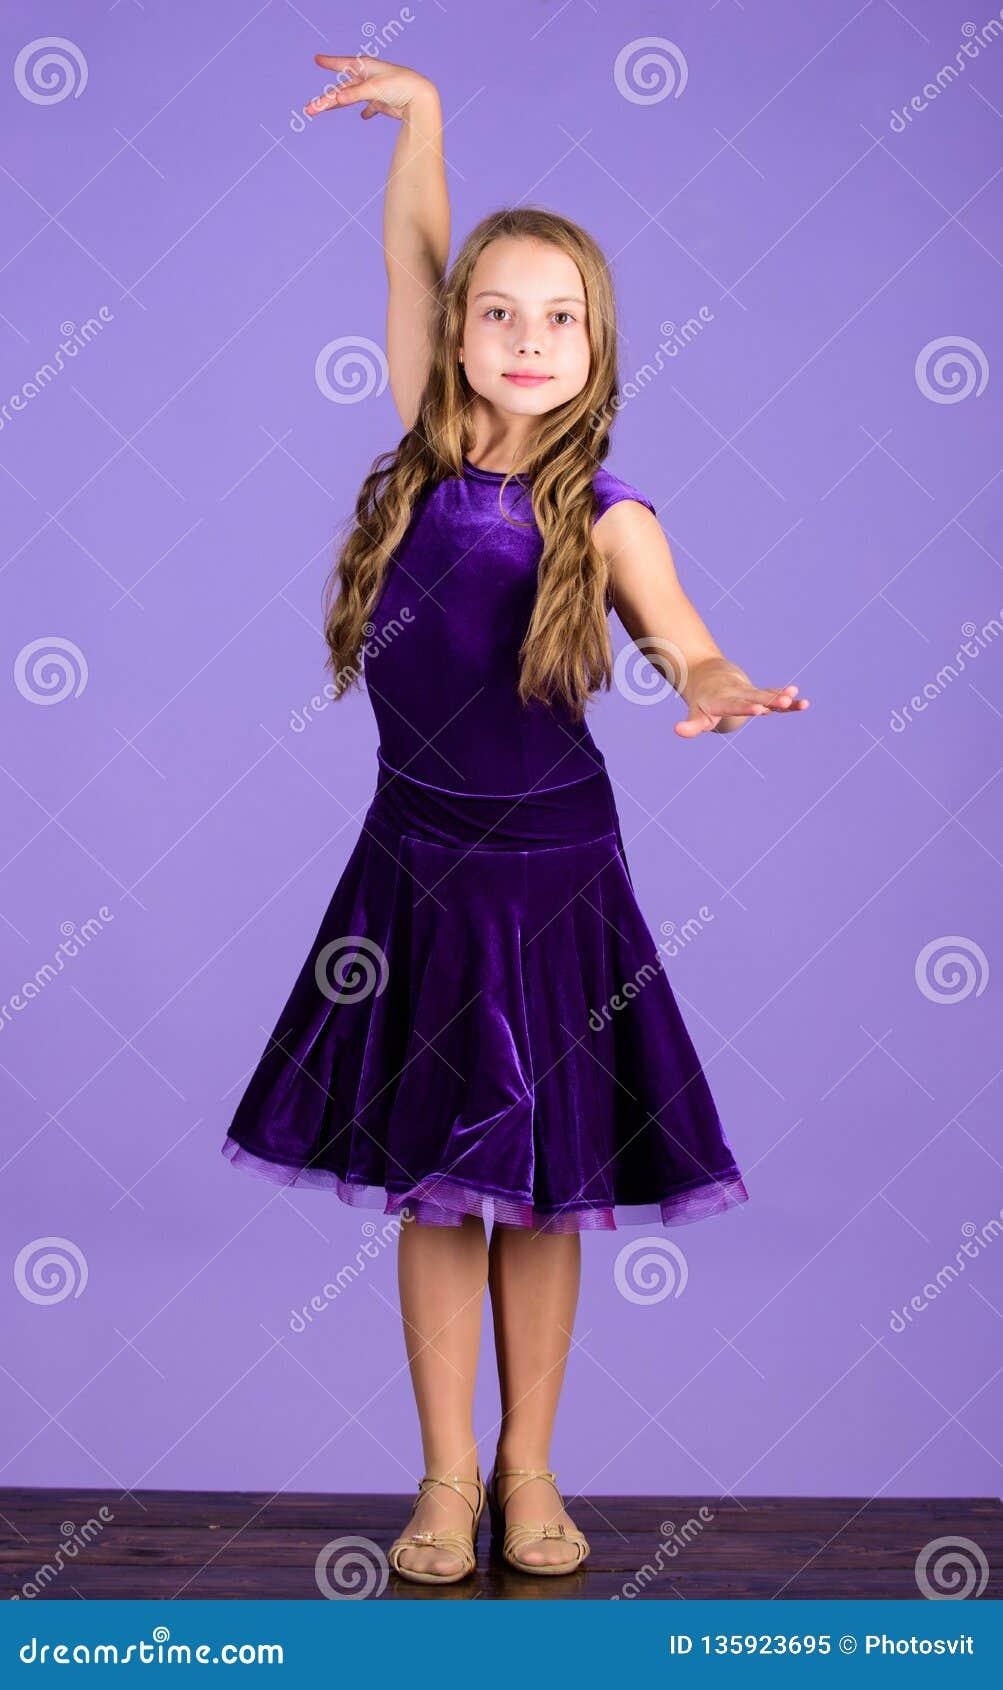 舞厅舞的衣裳 塑造孩子 孩子时兴的礼服看起来可爱 舞厅dancewear时尚概念 孩子